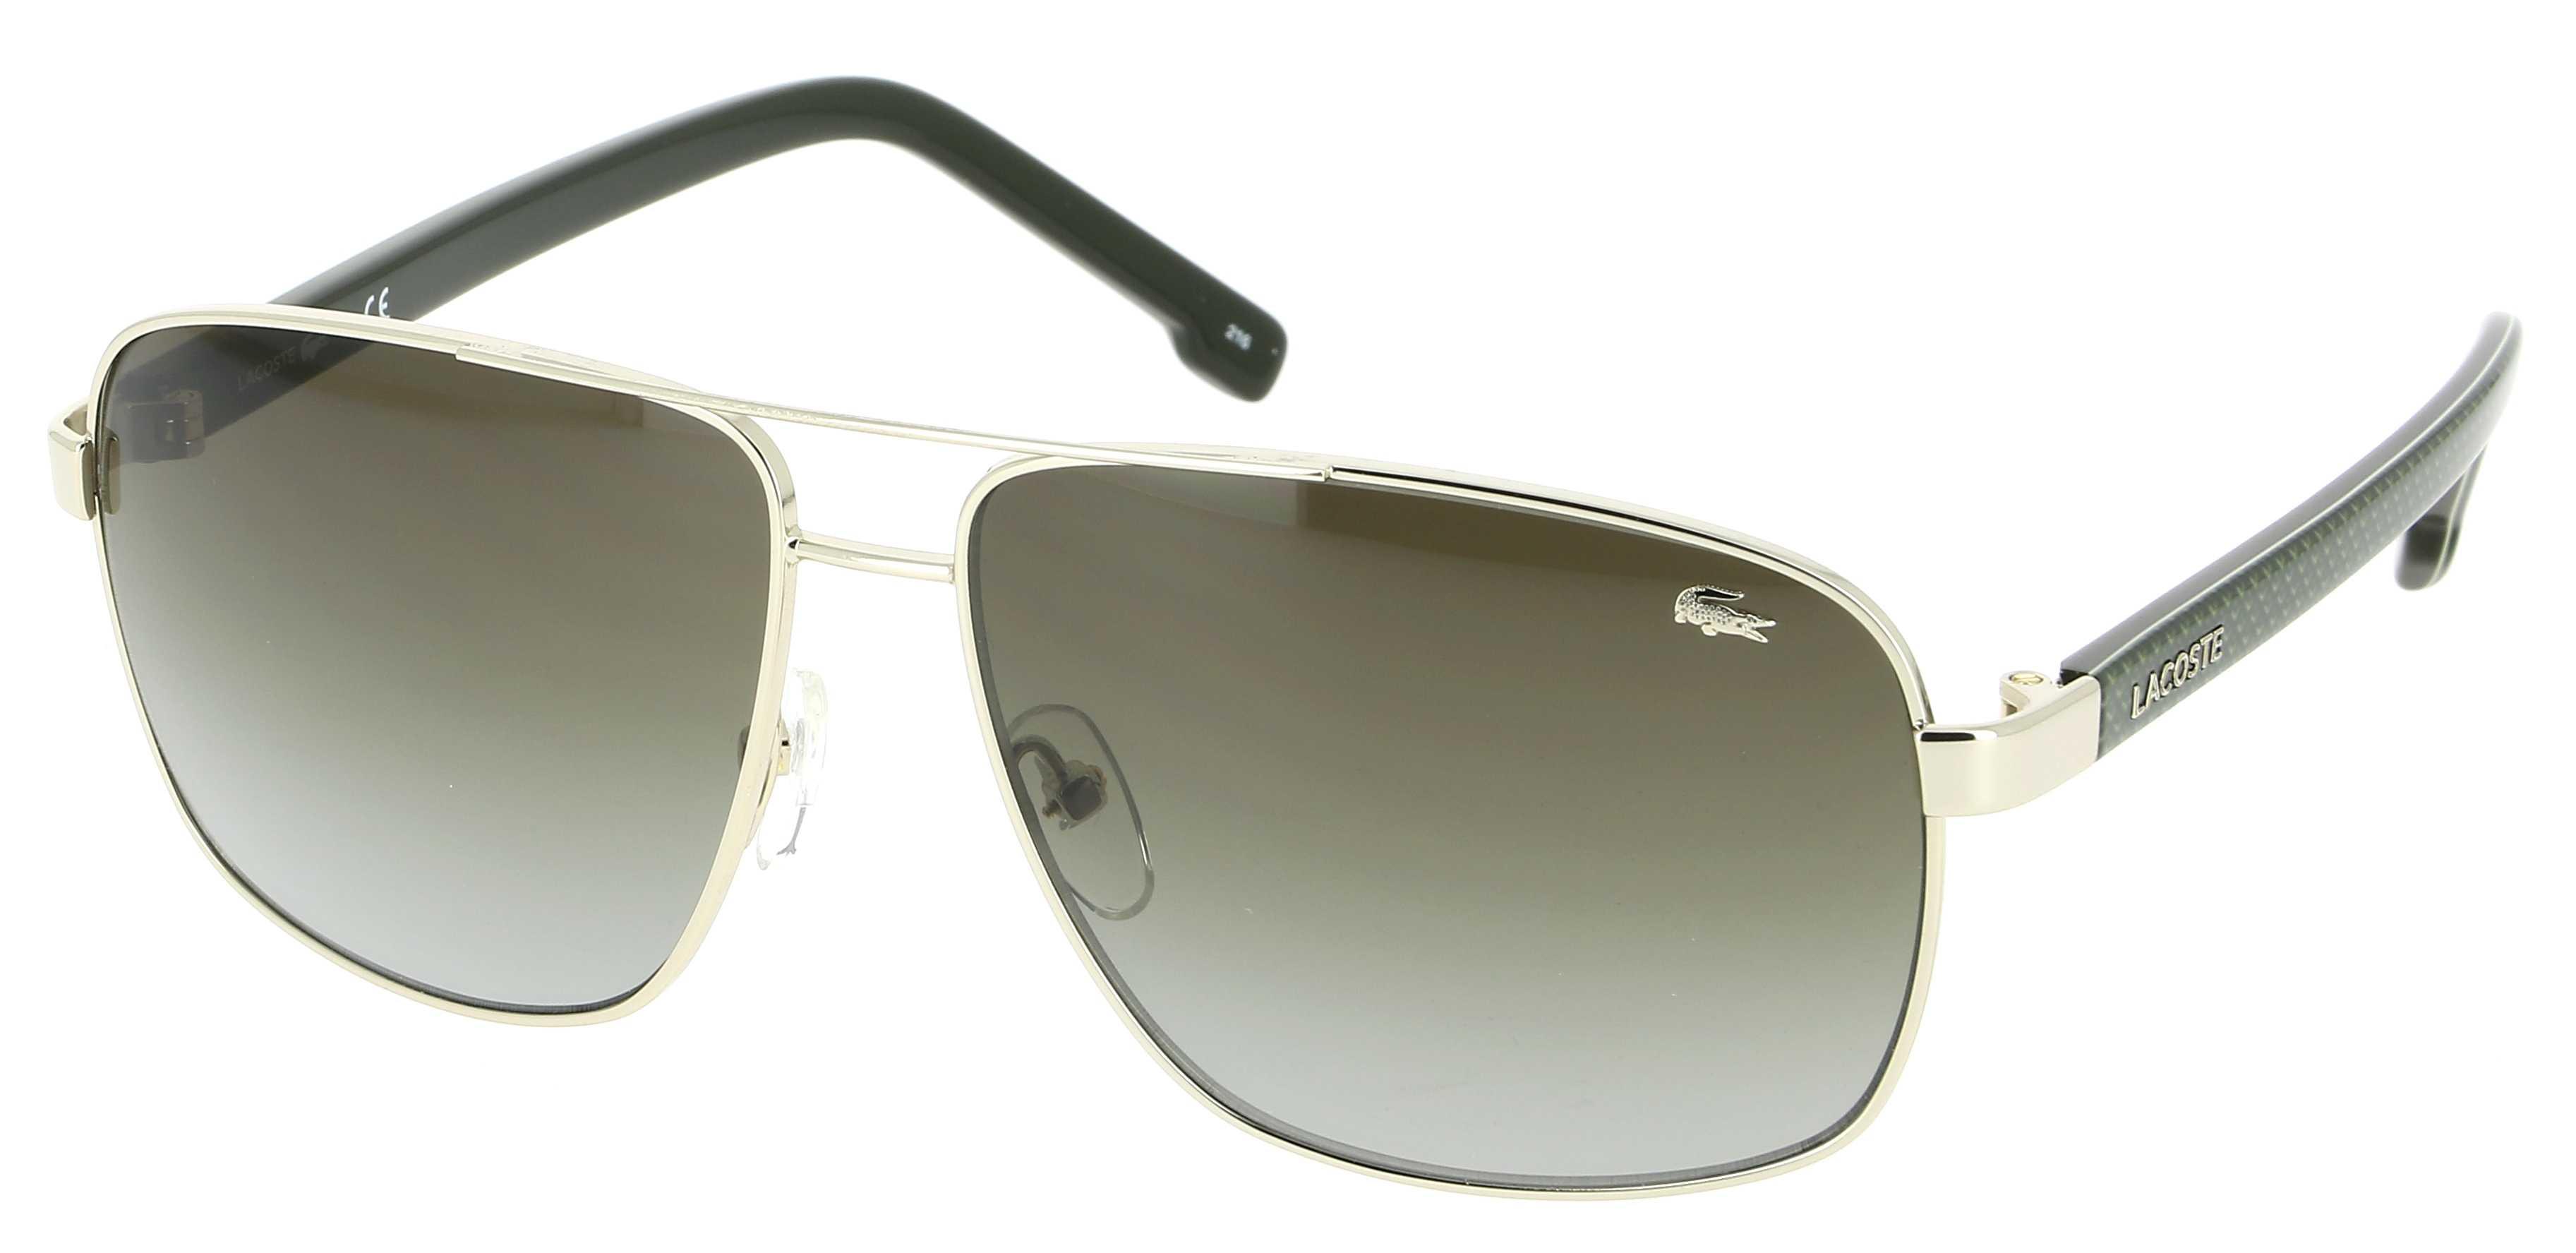 5ef72a2ae4 Le classement des meilleures lunettes de soleil de l'année